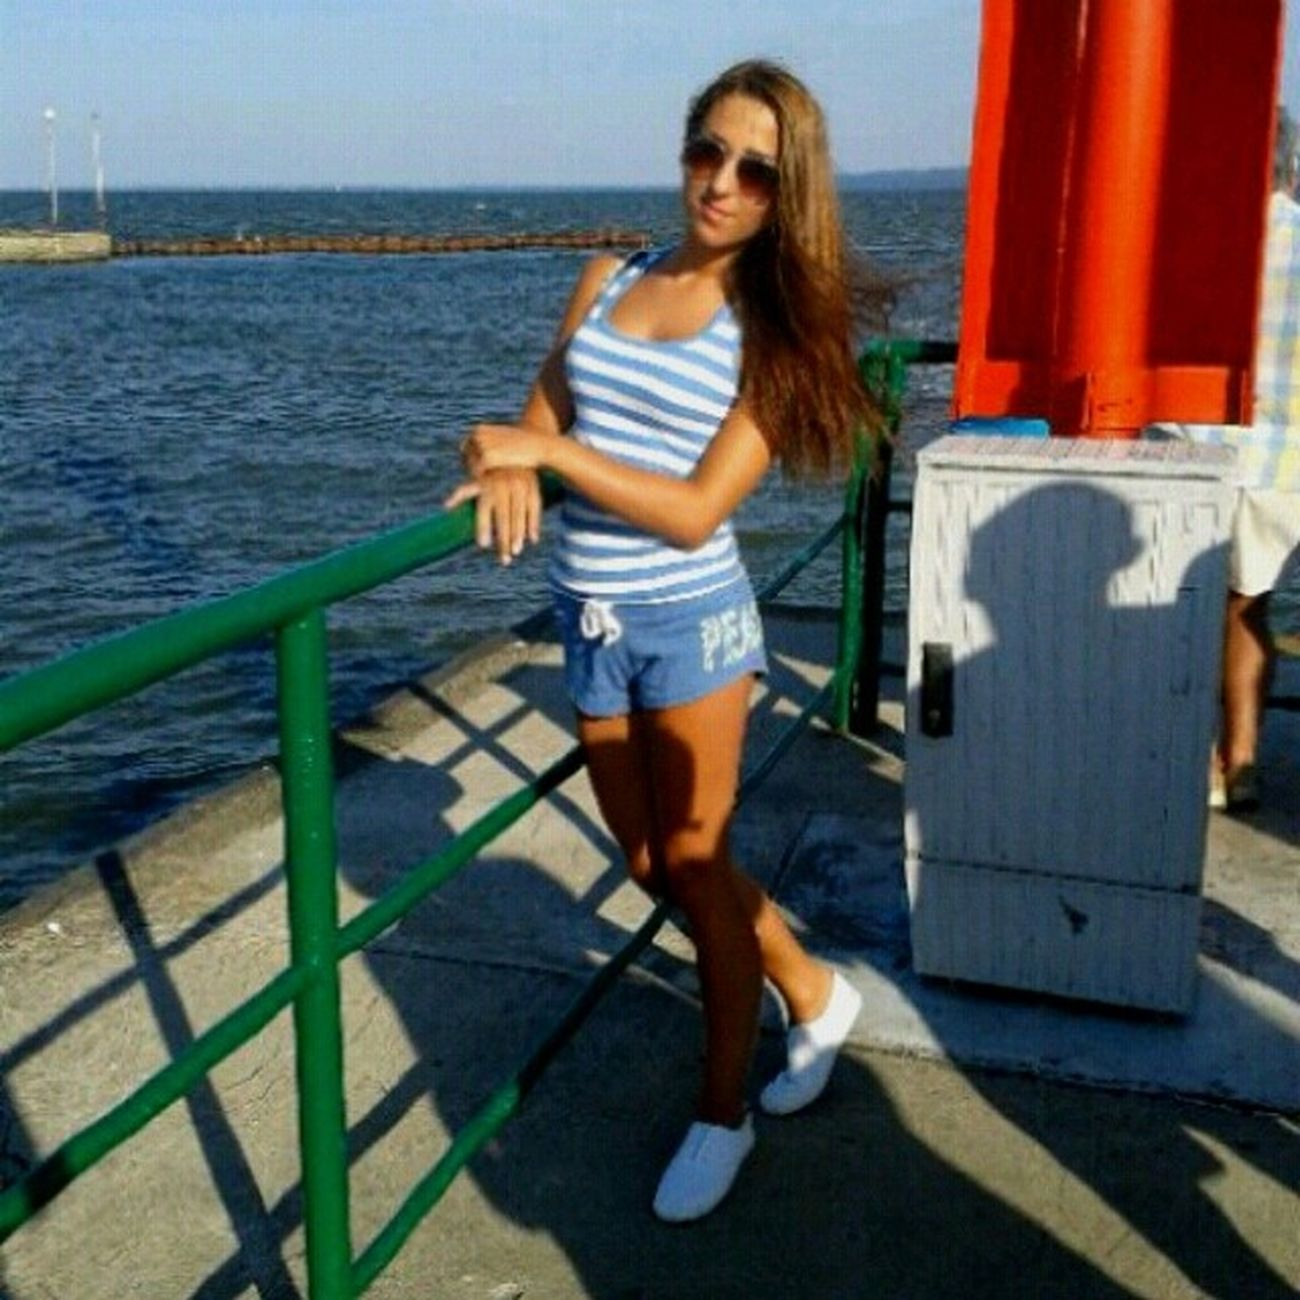 Polishgirl Yesterday Krynica Morska krynicamorskaholidayspontantripsummerlegsbrunette longhair girl